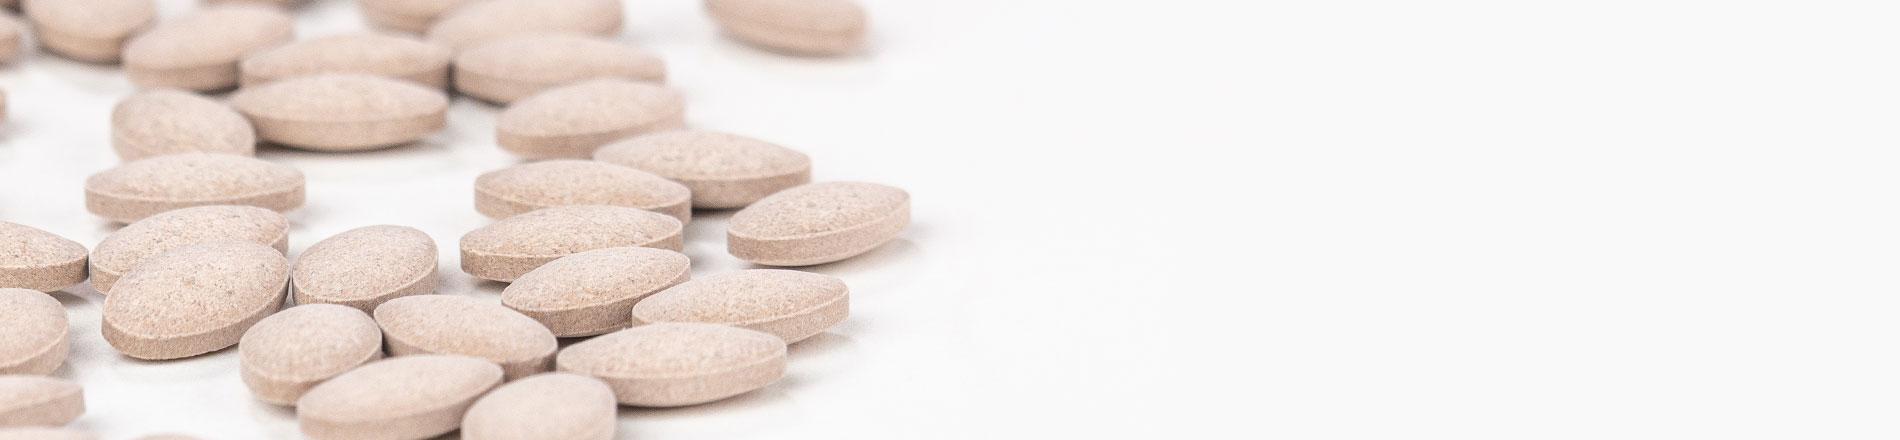 Healthy Bones tablets